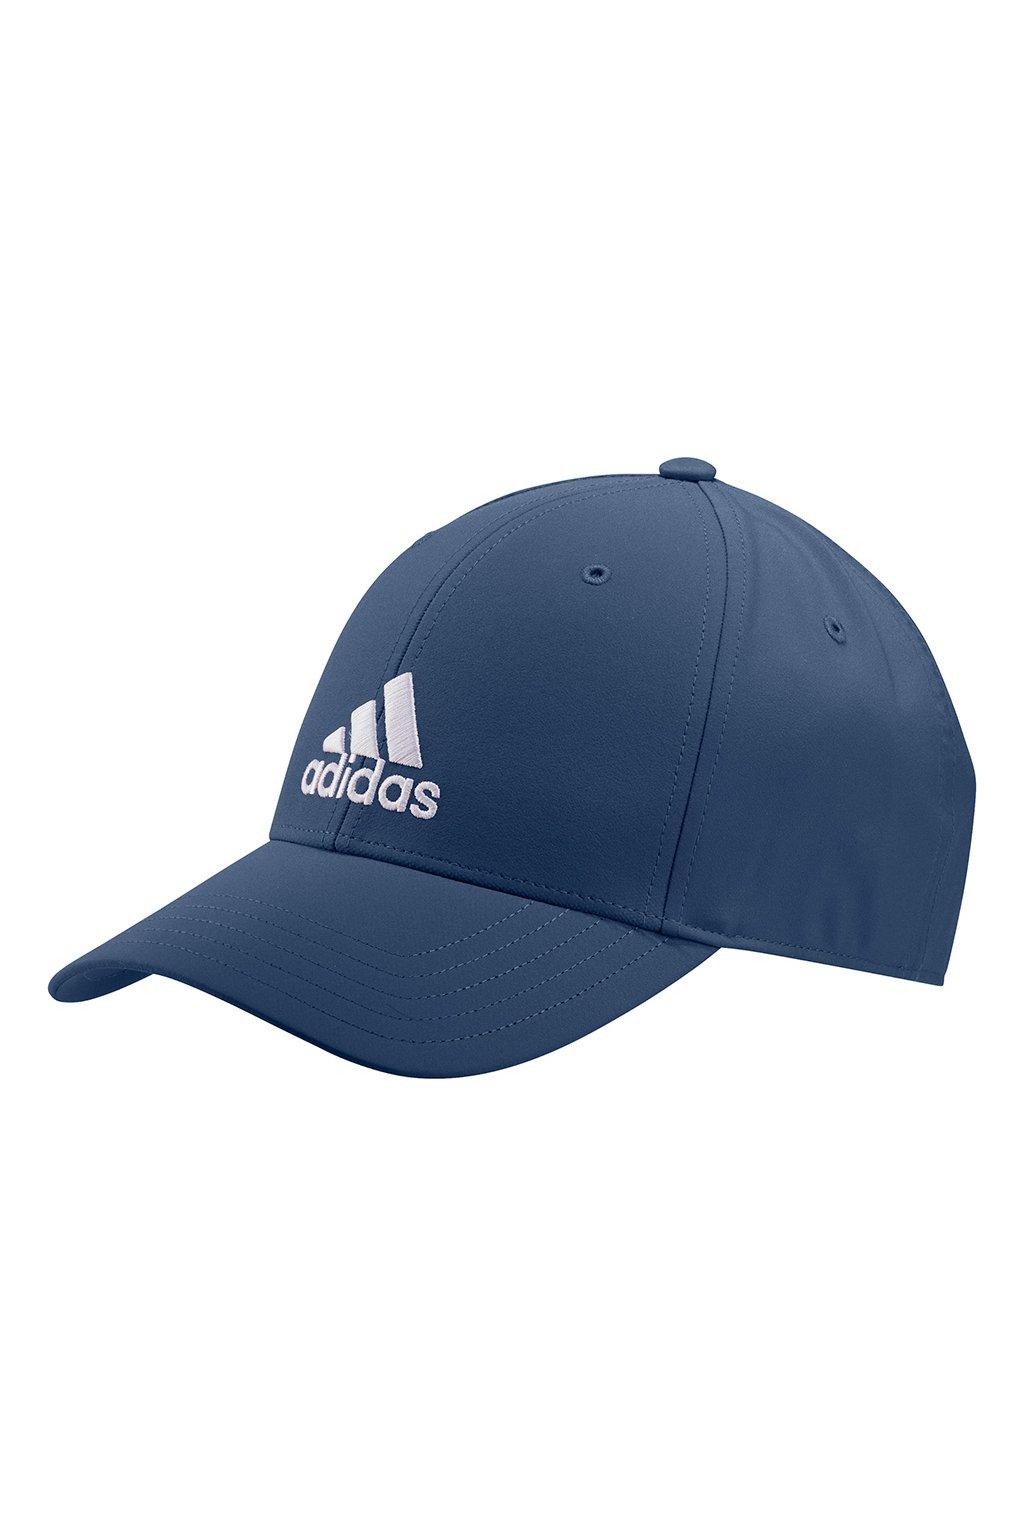 Juniorská šiltovka adidas Baseball Lightweight Embroidered Logo OSFY tmavomodrá GM6262